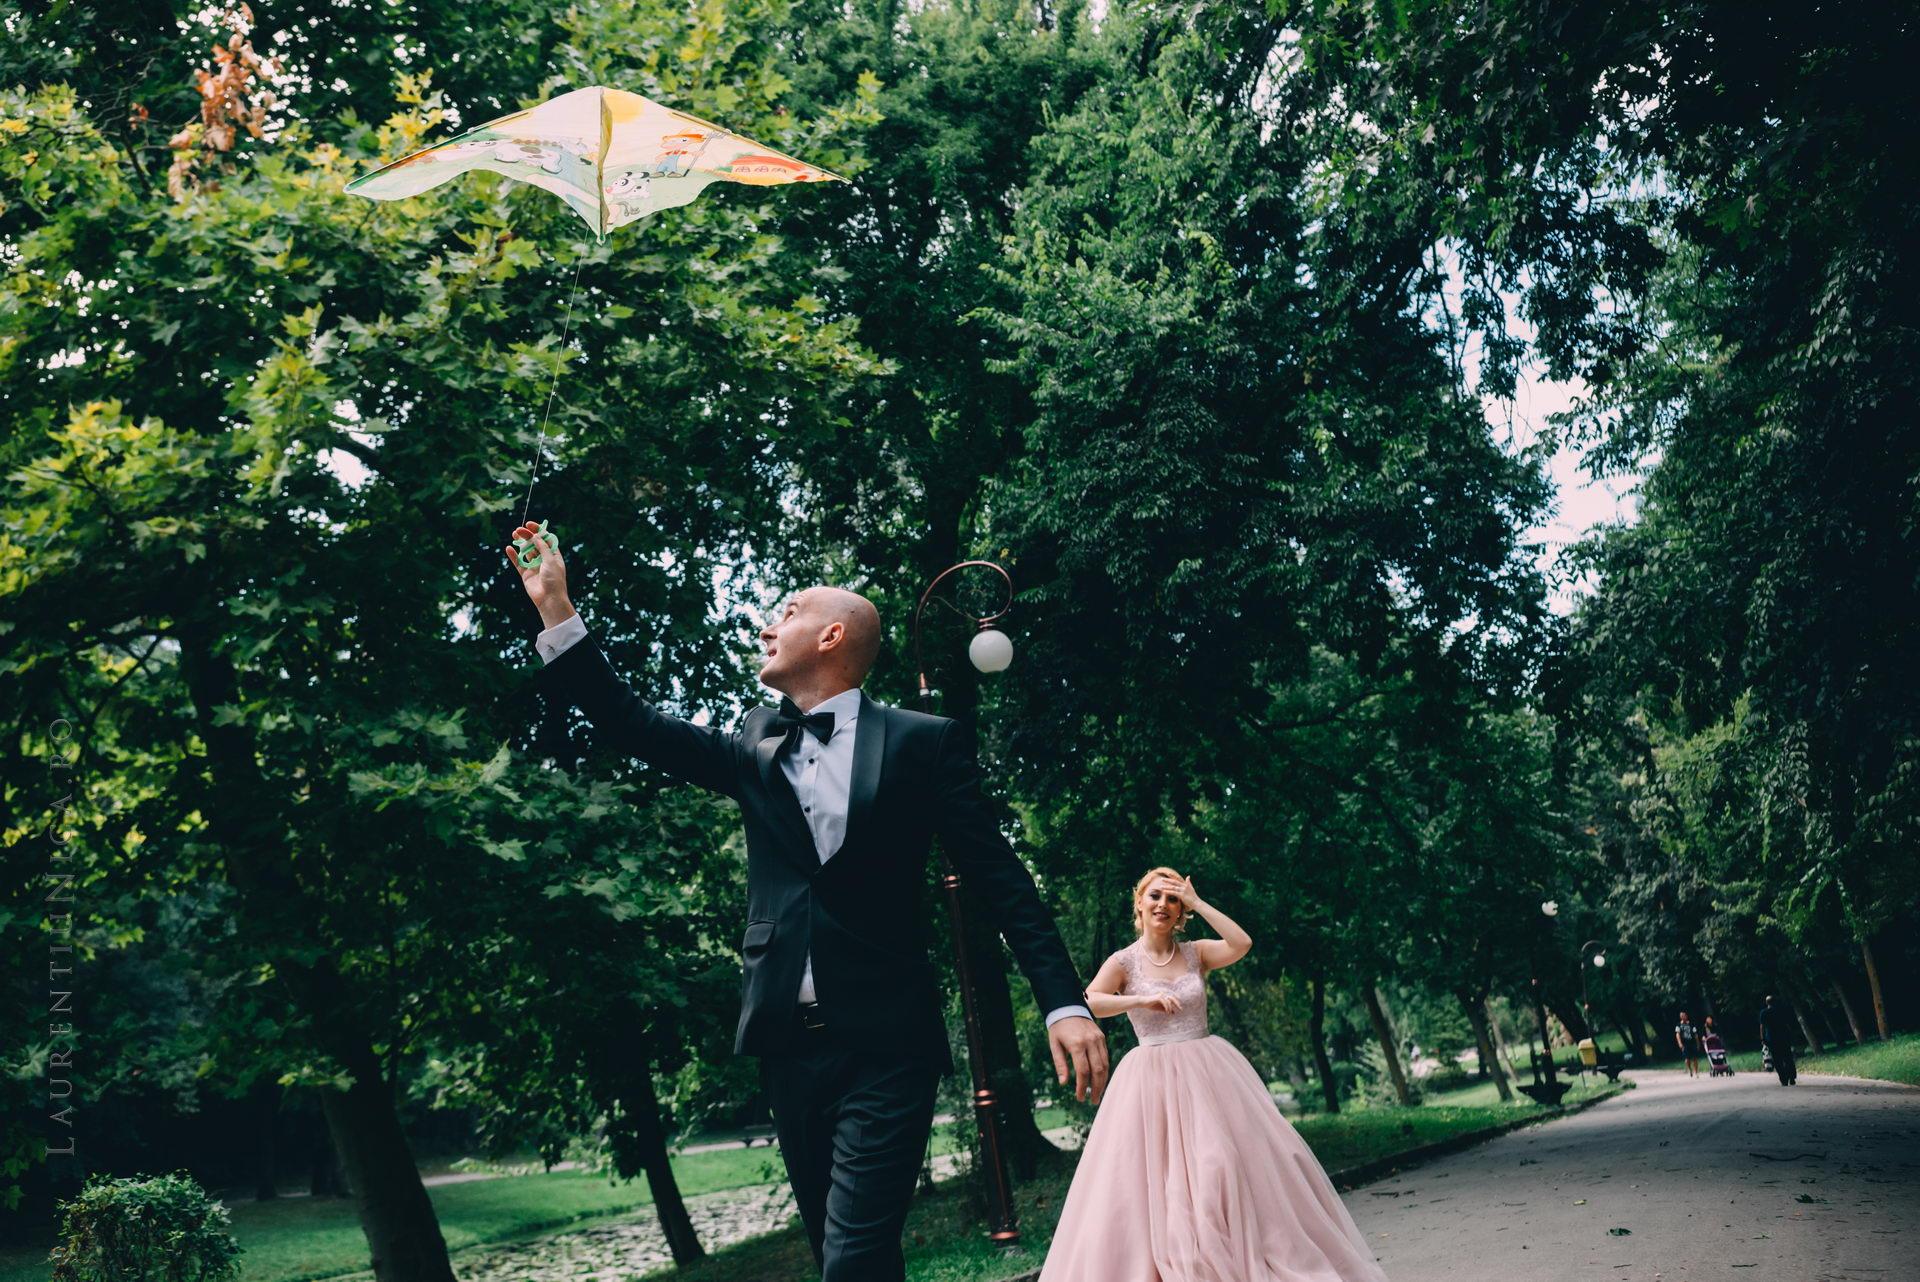 lavinia si adi fotograf laurentiu nica craiova 041 - Lavinia & Adi | Fotografii nunta